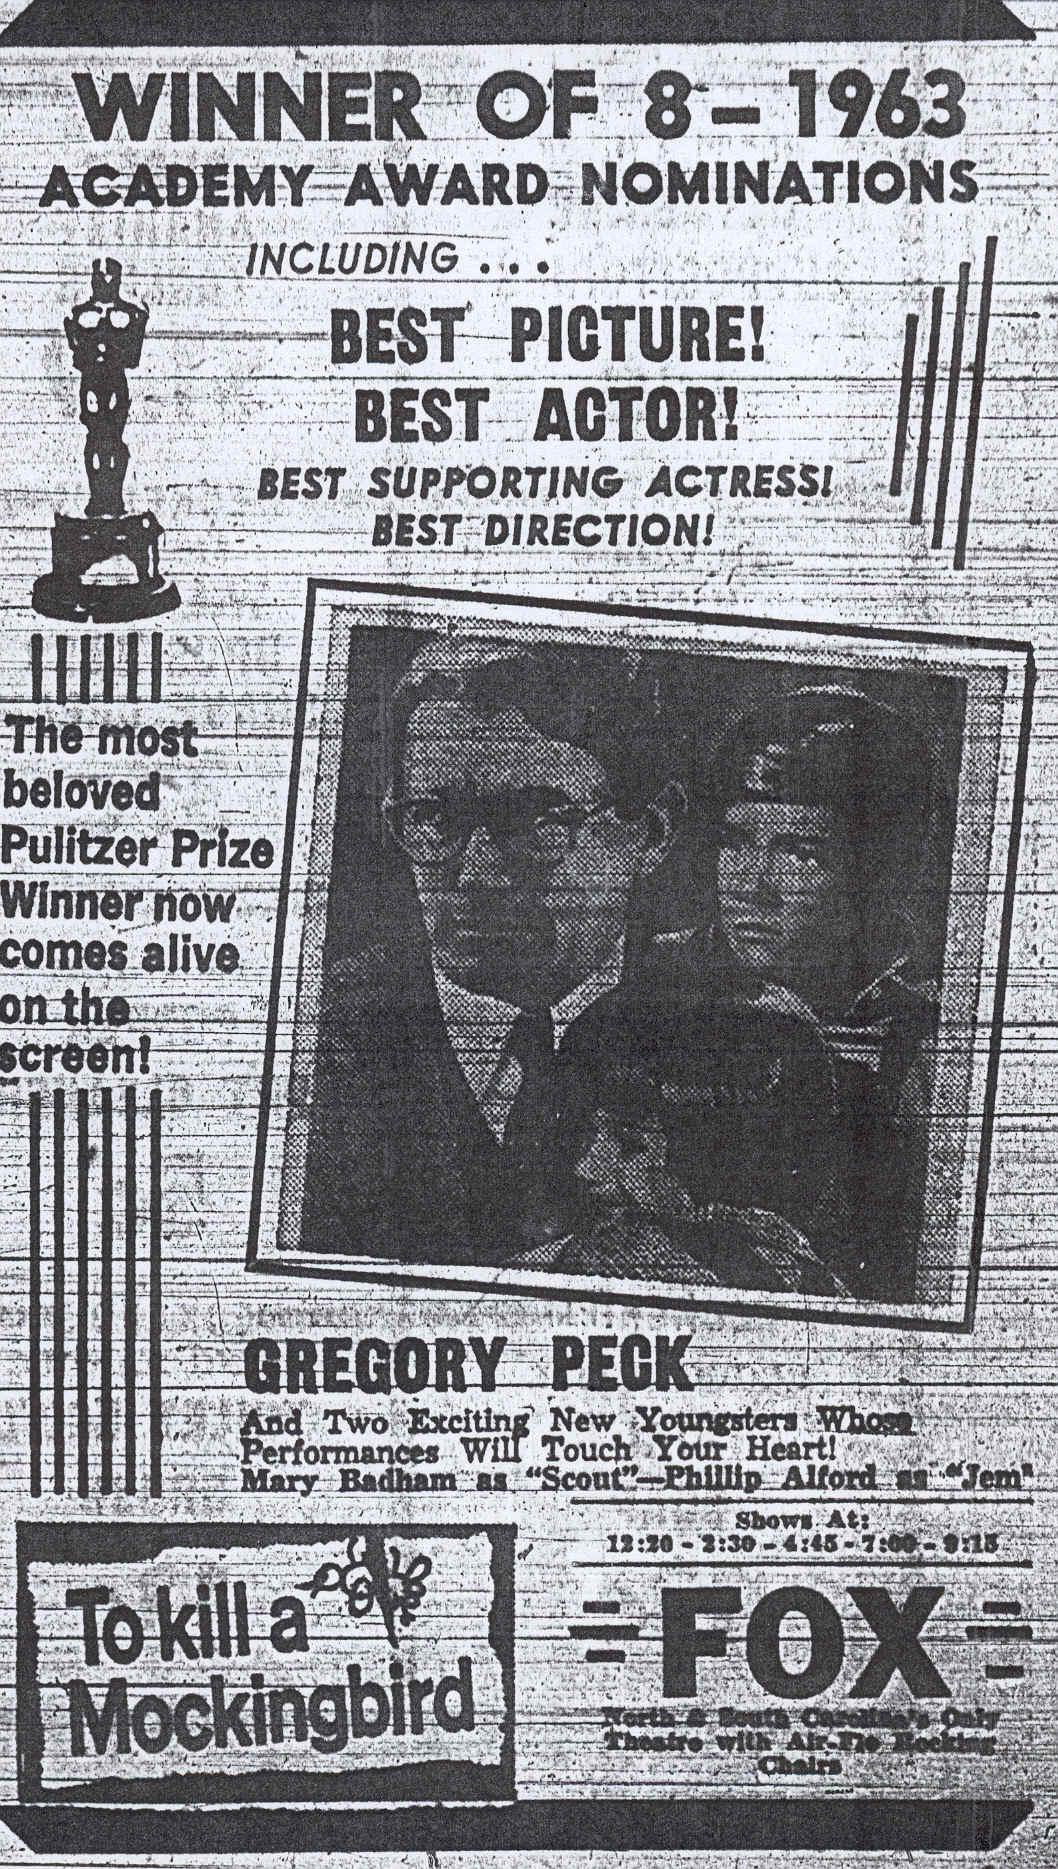 To Kill A Mockingbird Original Newspaper Ads Media Literacy Statead Mockingbird Original Ads